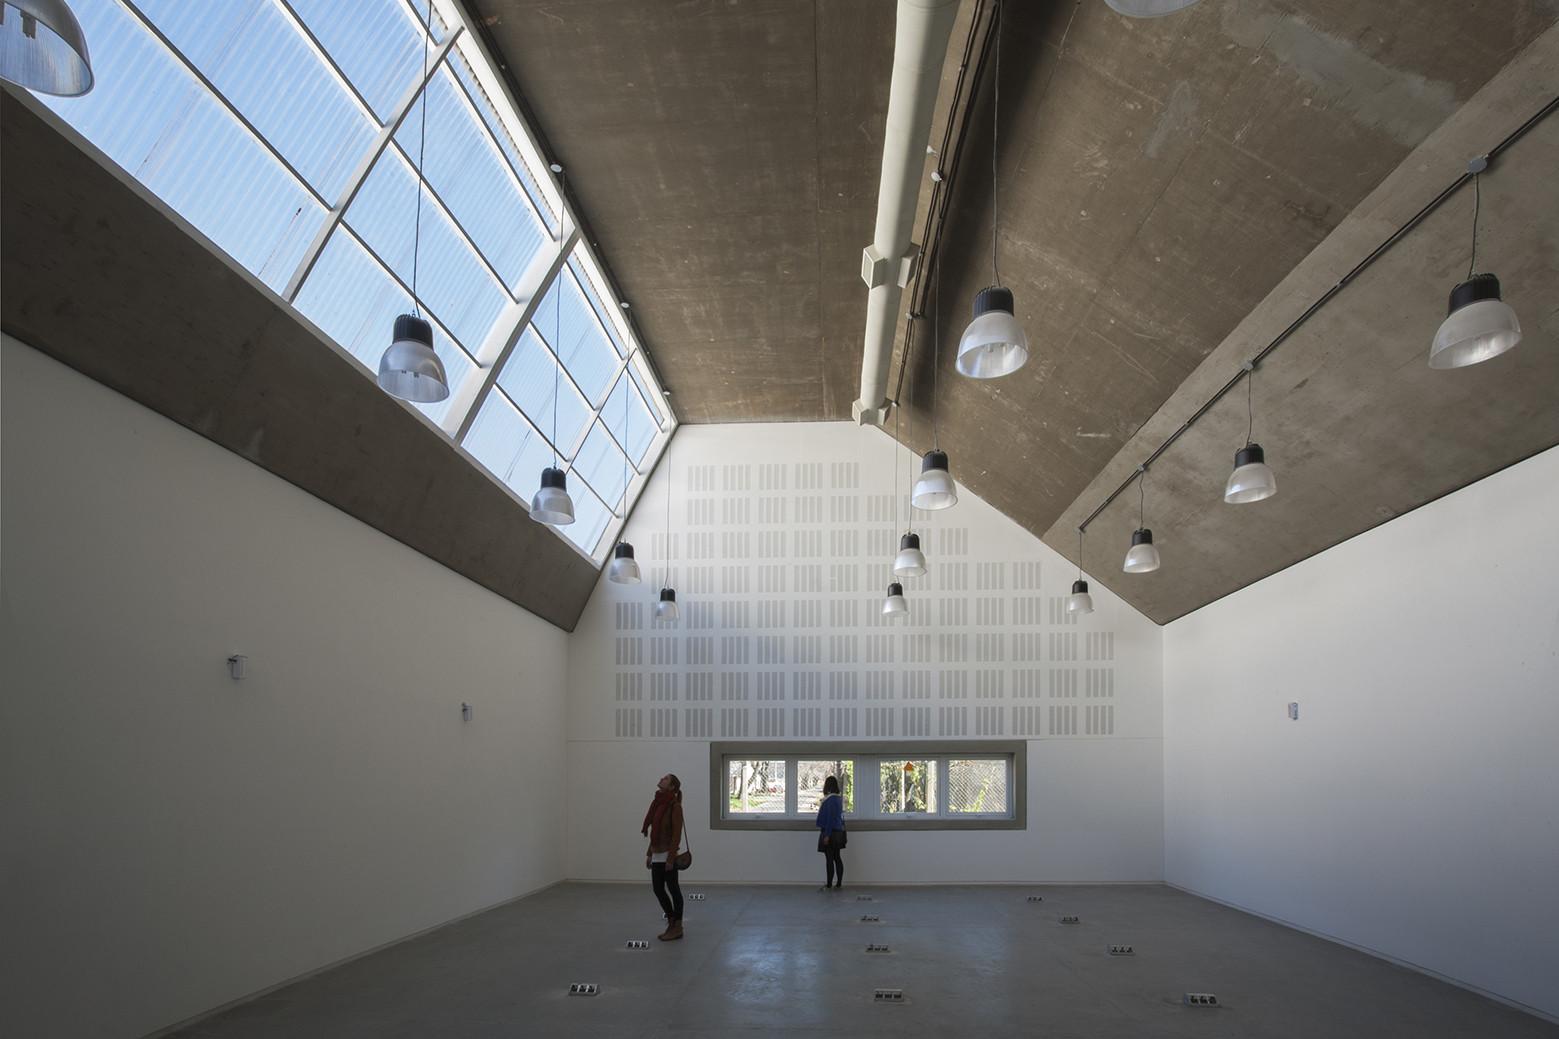 Engineering School and Auditorium University Campus / Gerardo Caballero, Maite Fernández, © Gustavo Frittegotto